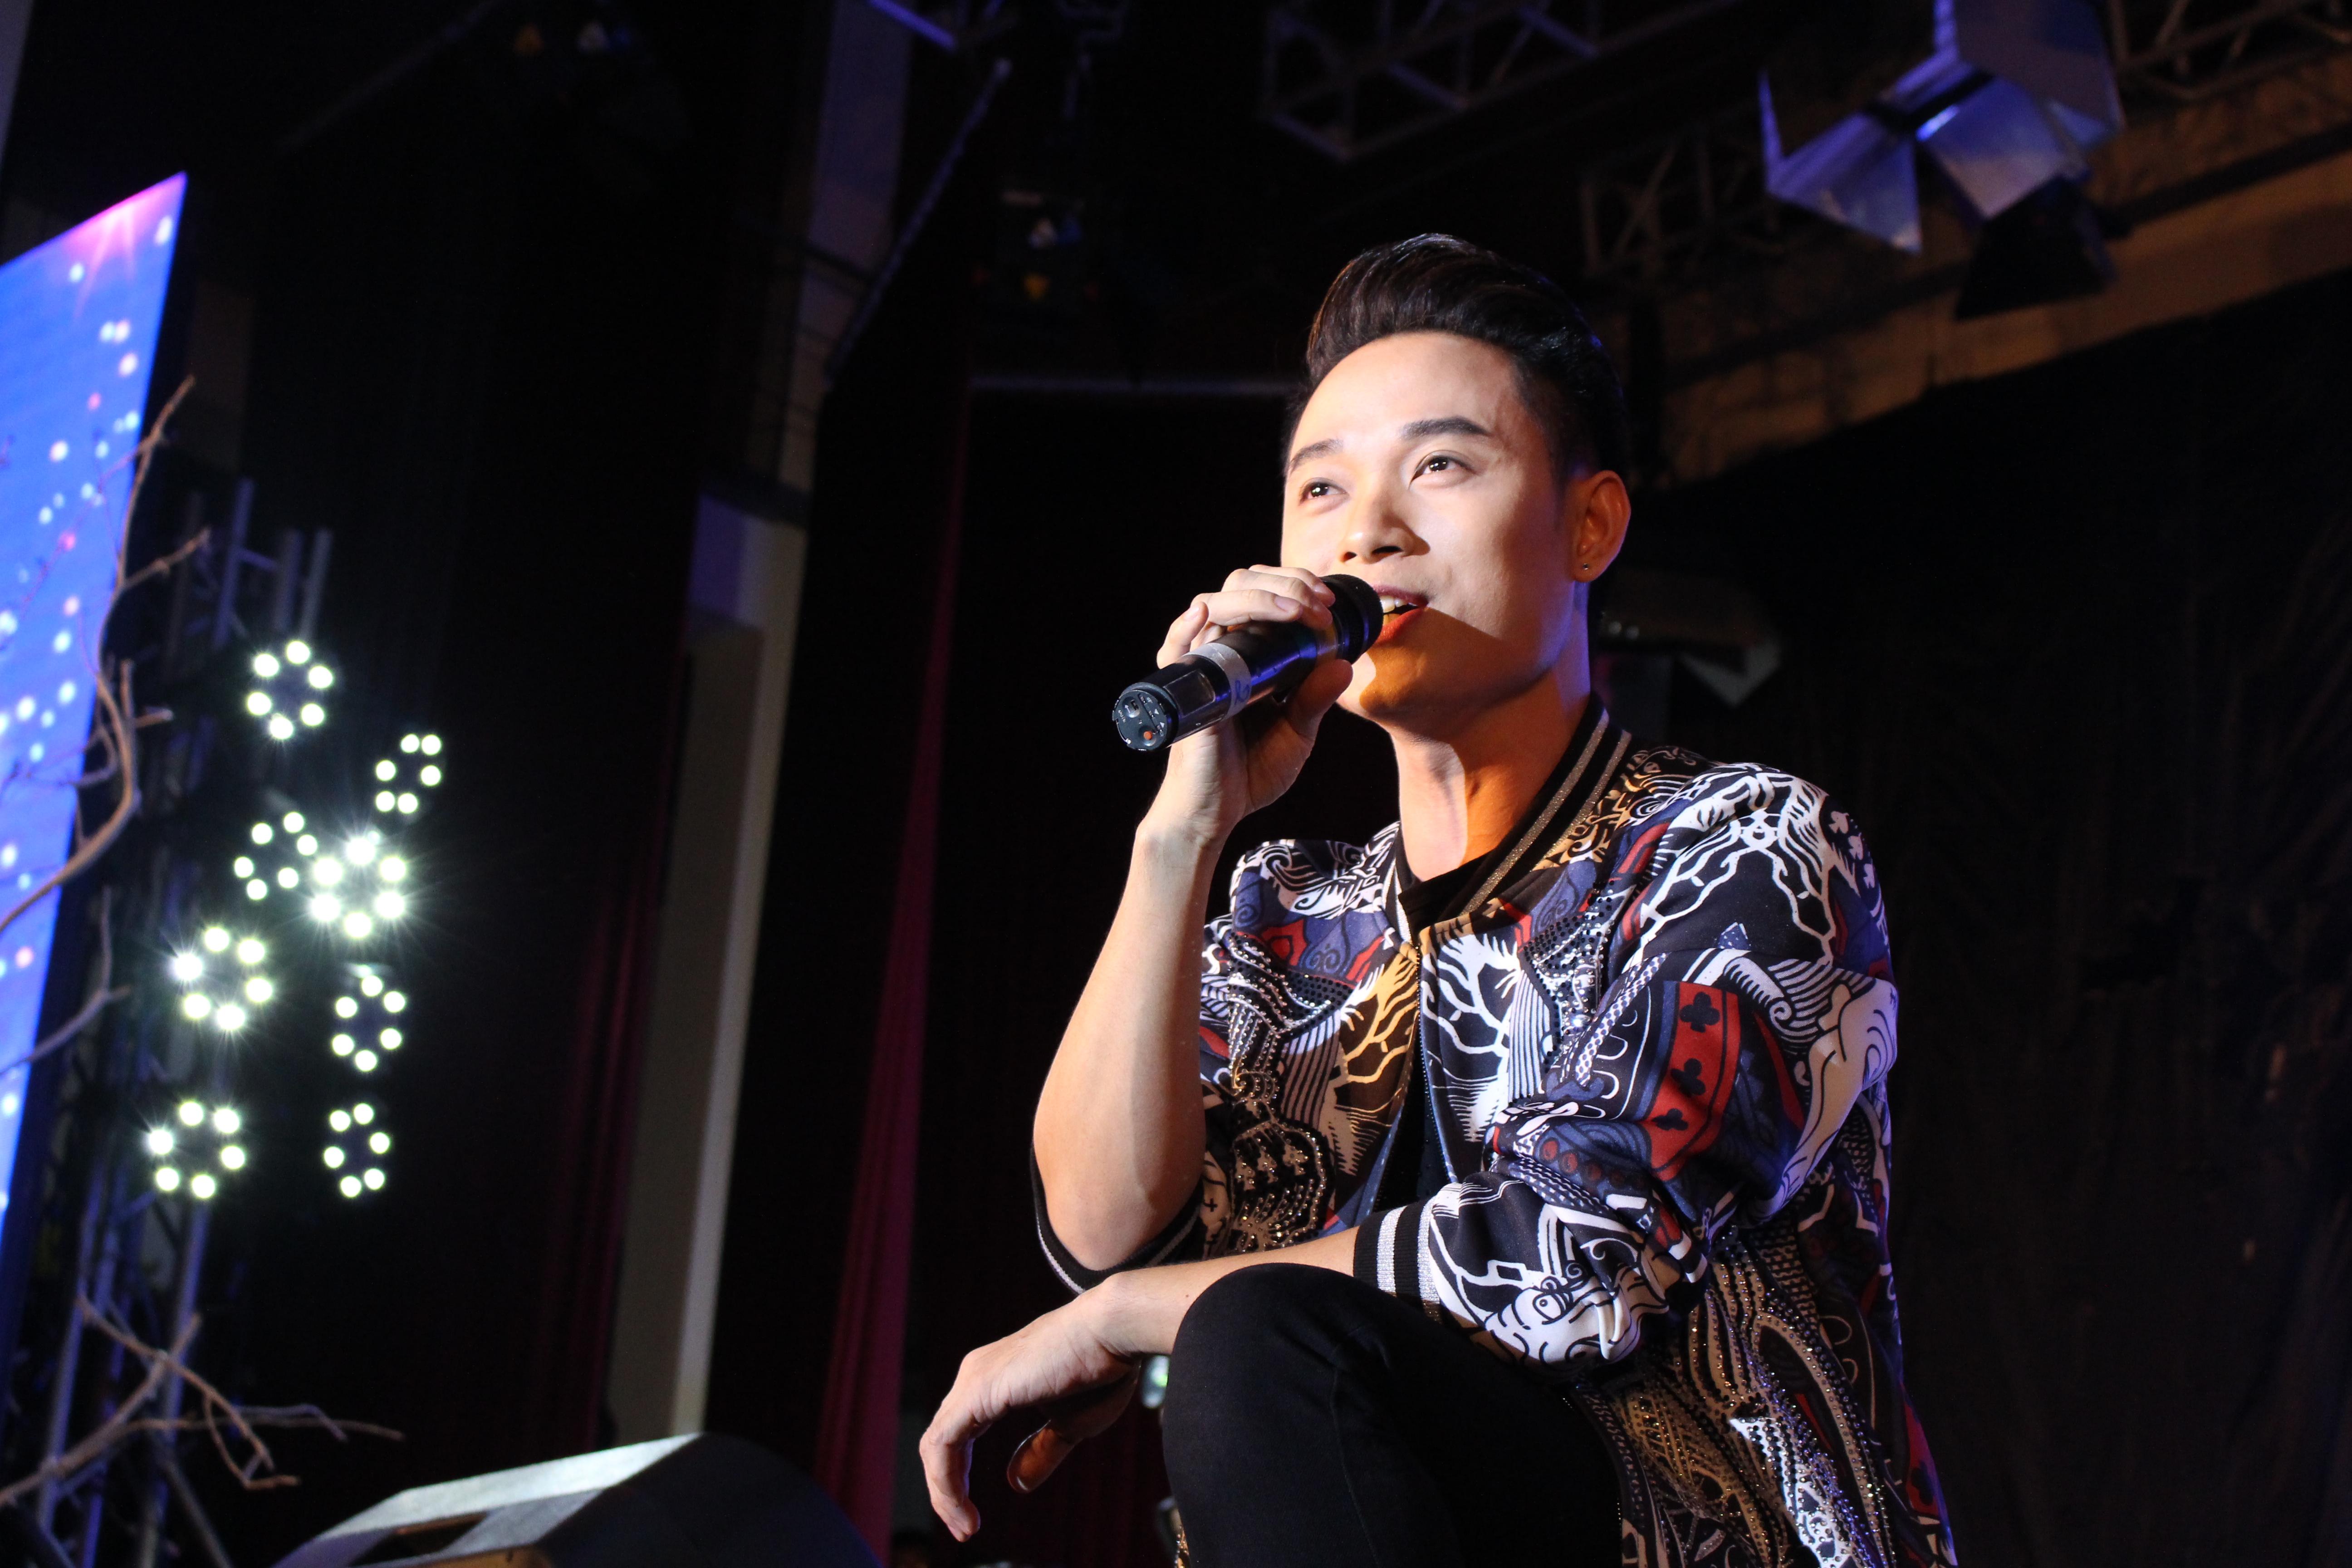 Khách mời của chương trình là nam ca sỹ Trúc Nhân. Nam ca sỹ đã tạo nên một bầu không khí vô cùng náo nhiệt khi hát liền 5 bản hit của mình.